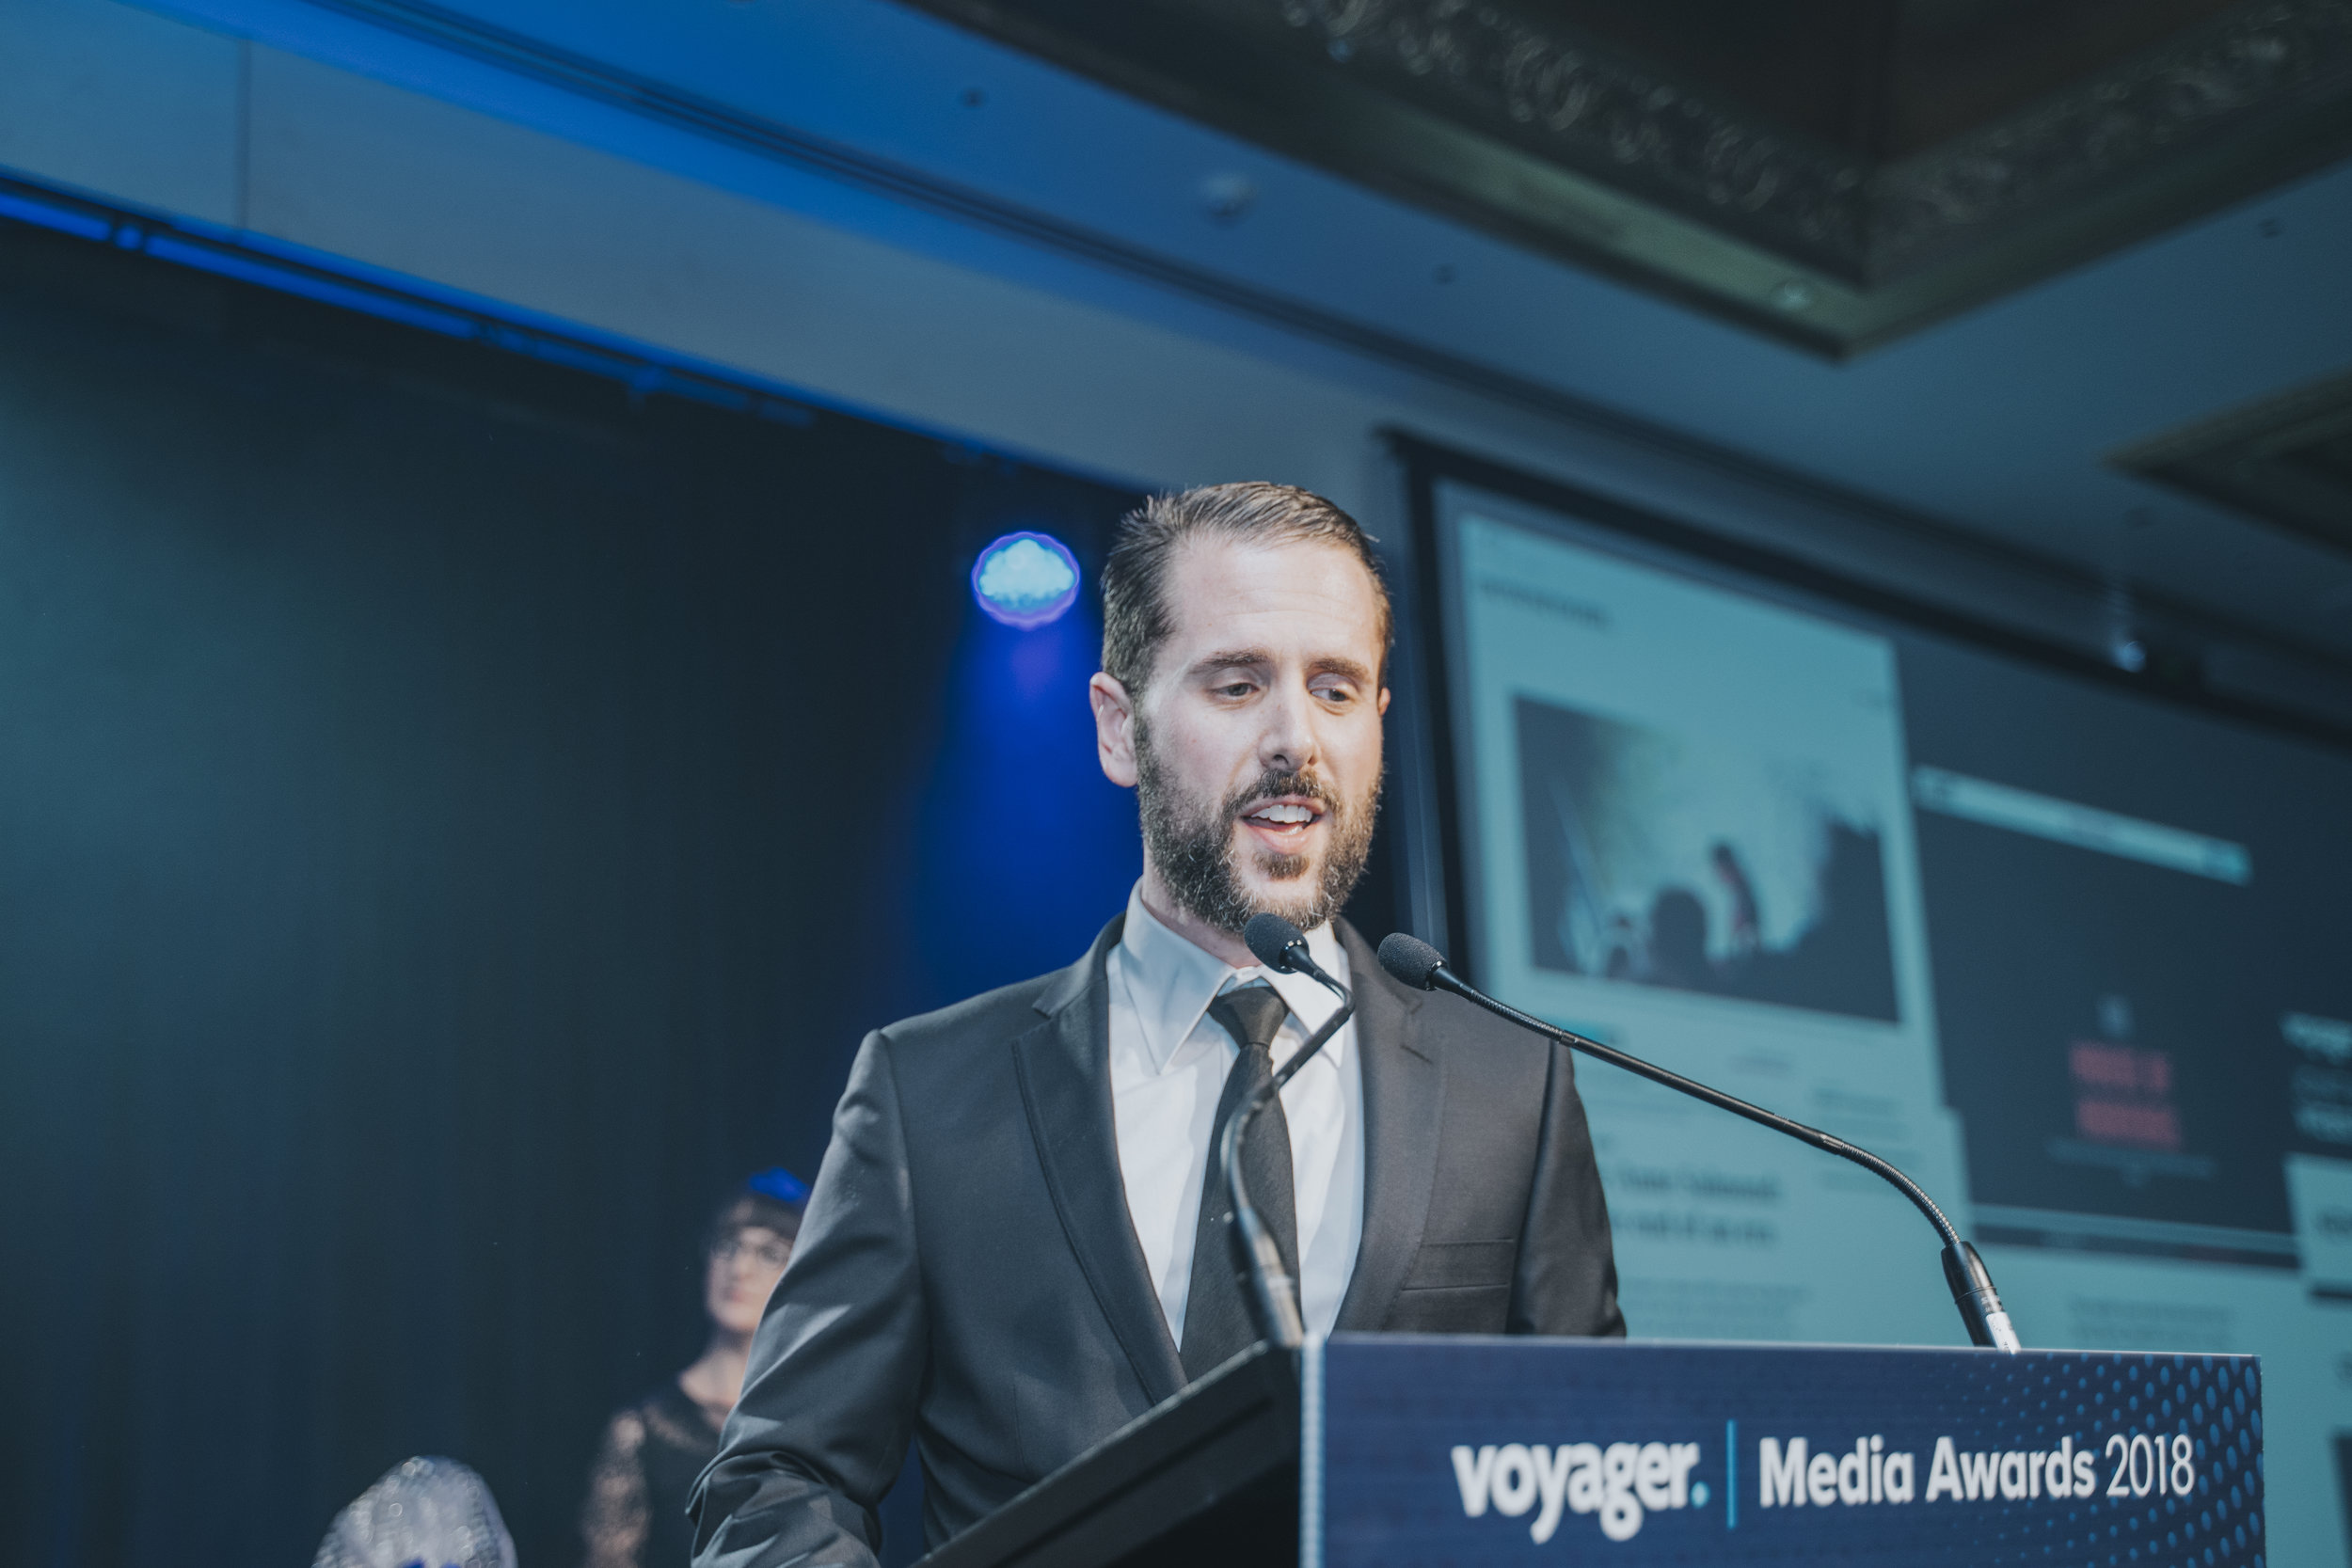 Voyager Media Awards 2018-410.JPG